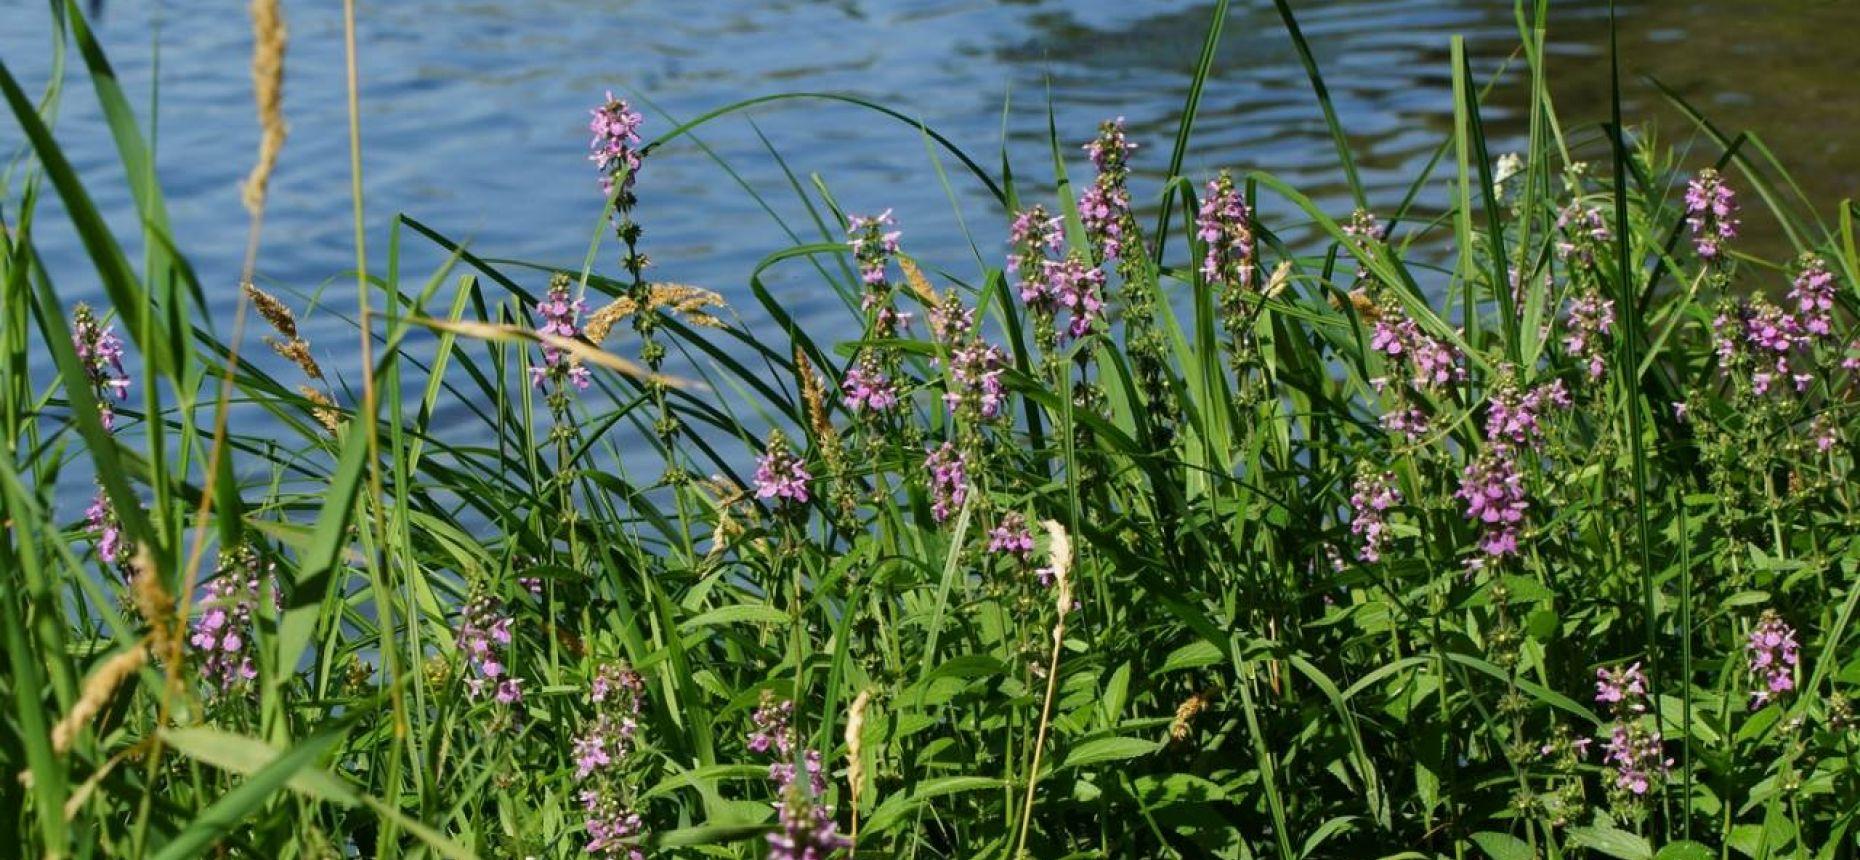 Stachys palustris L. - Чистец болотный.